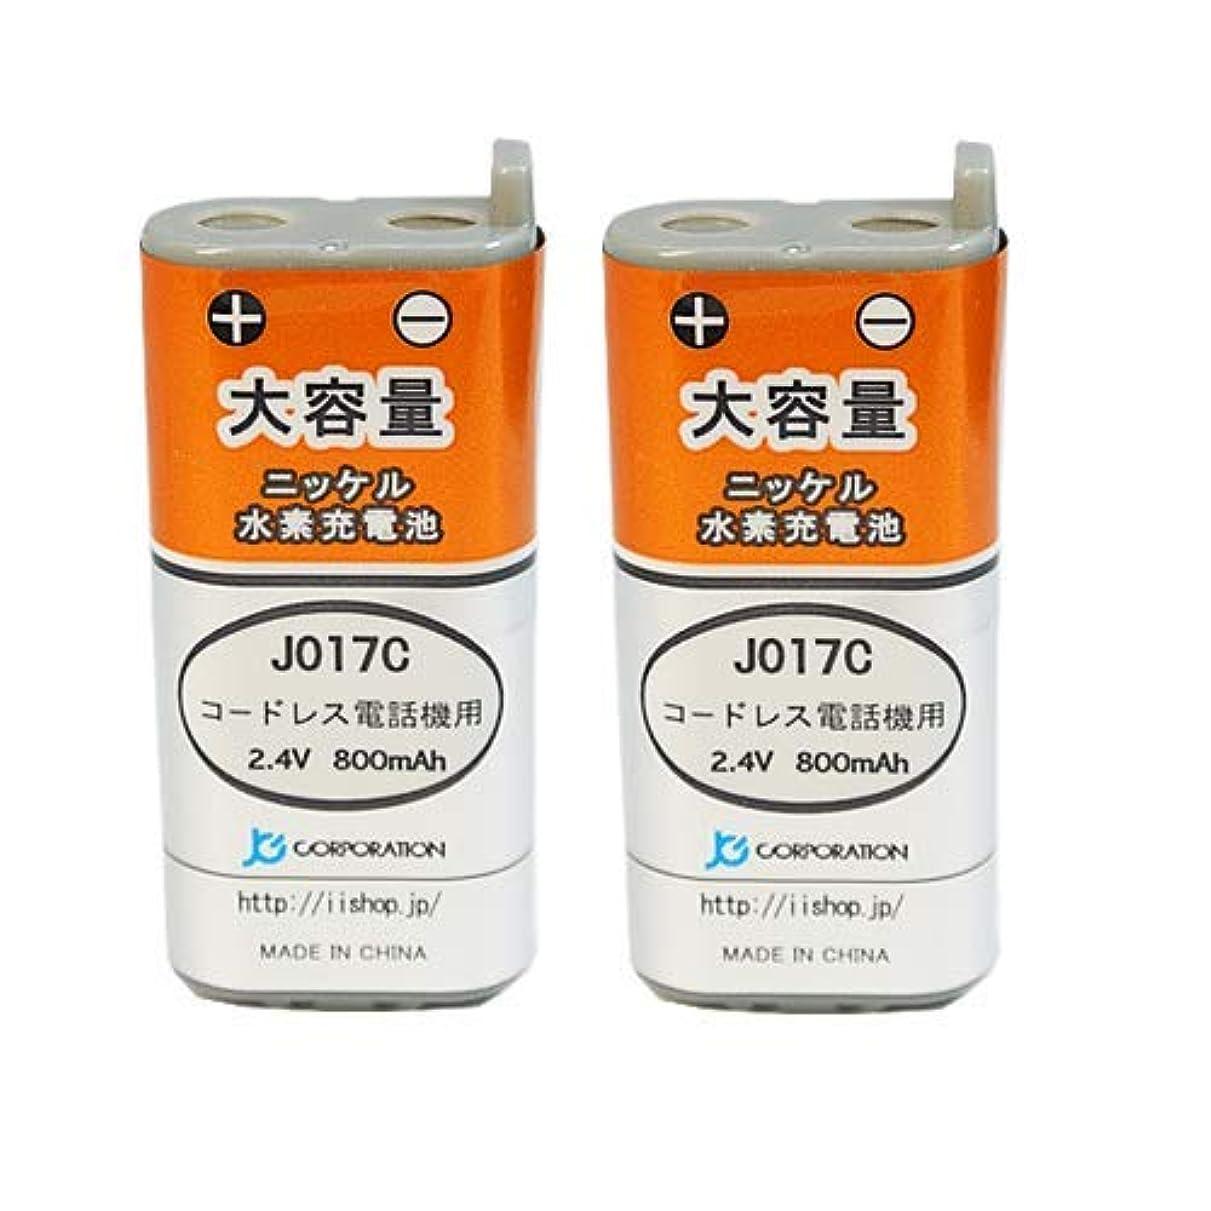 口実ぴかぴか修道院【JC】 2個セット Panasonic/パナソニック KX-FAN55 対応 互換電池 【J017C】[容量UPで長時間通話OK]